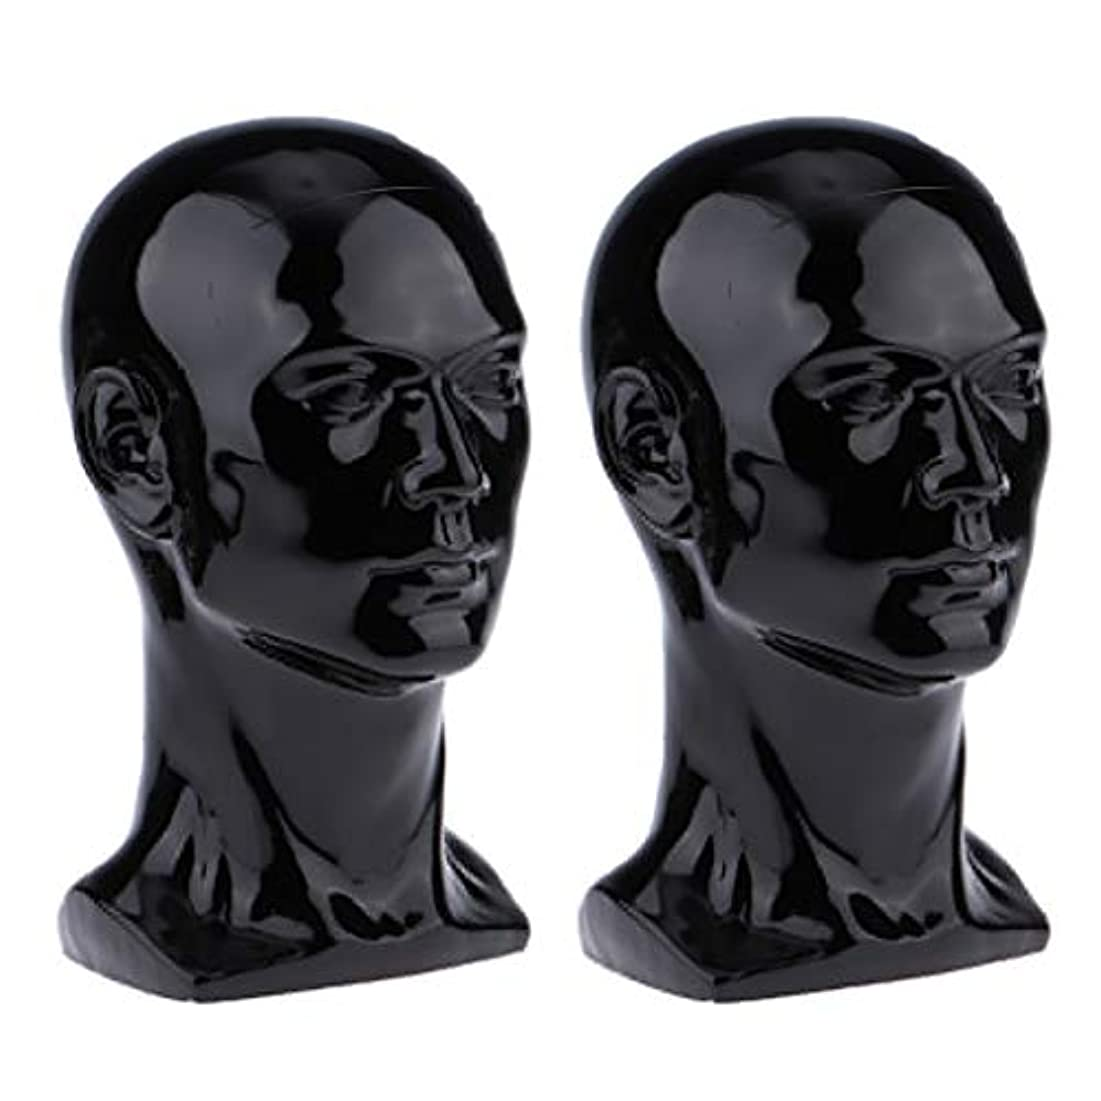 世界に死んだ残基問い合わせるT TOOYFUL マネキンヘッド ウィッグスタンド練習 頭部 女性ウィッグマネキン ディスプレイ 帽子スタンド 2個入り